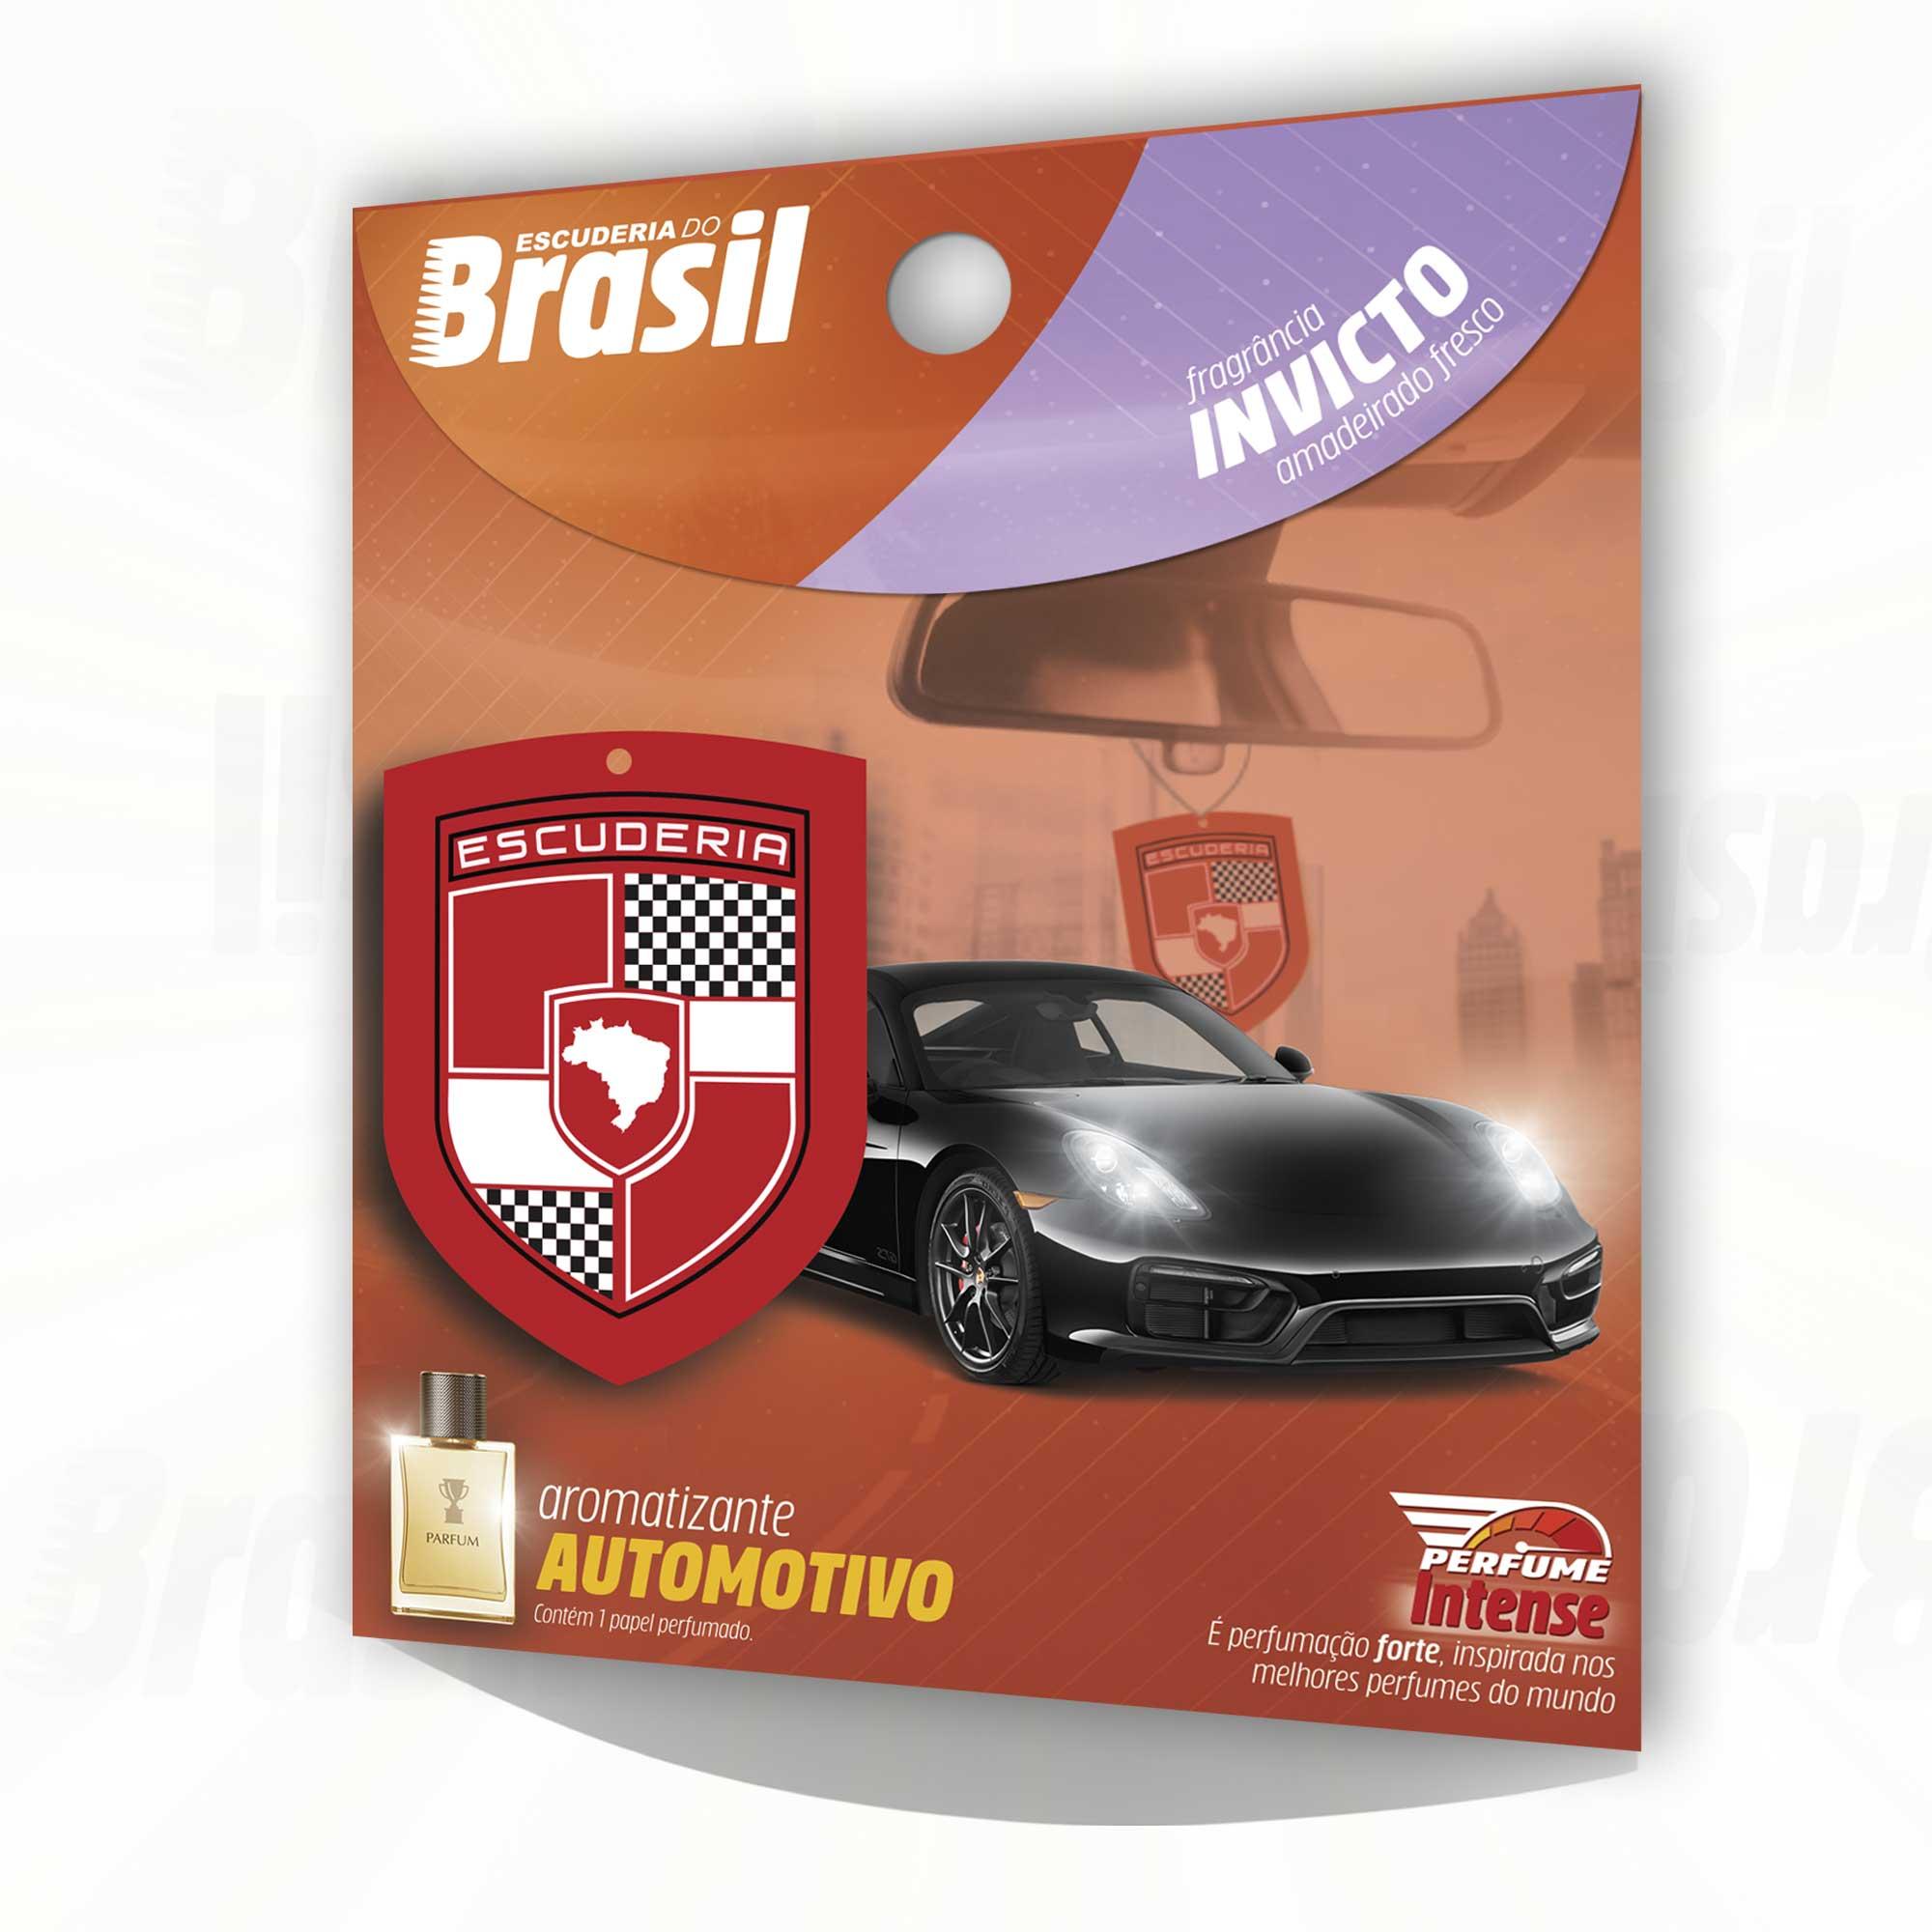 Invicto - Perfume Intense  - Escuderia do Brasil